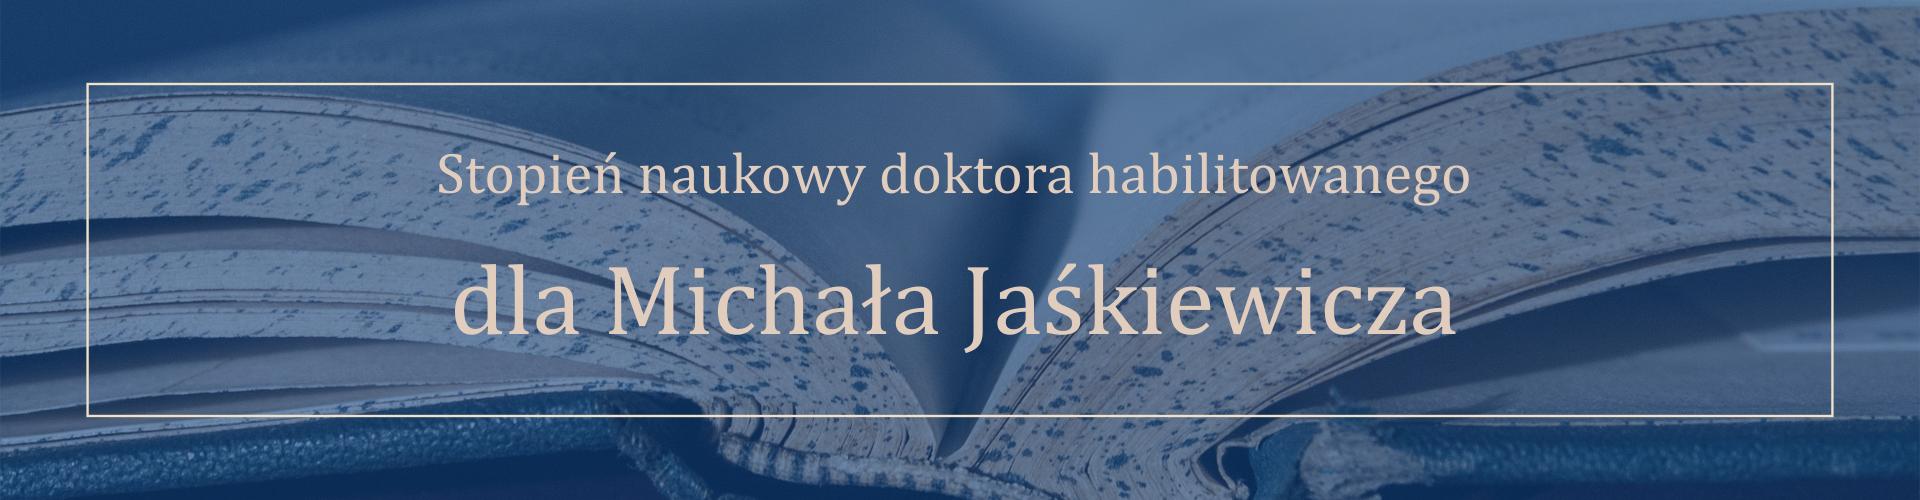 Habilitacja Michała Jaśkiewicza